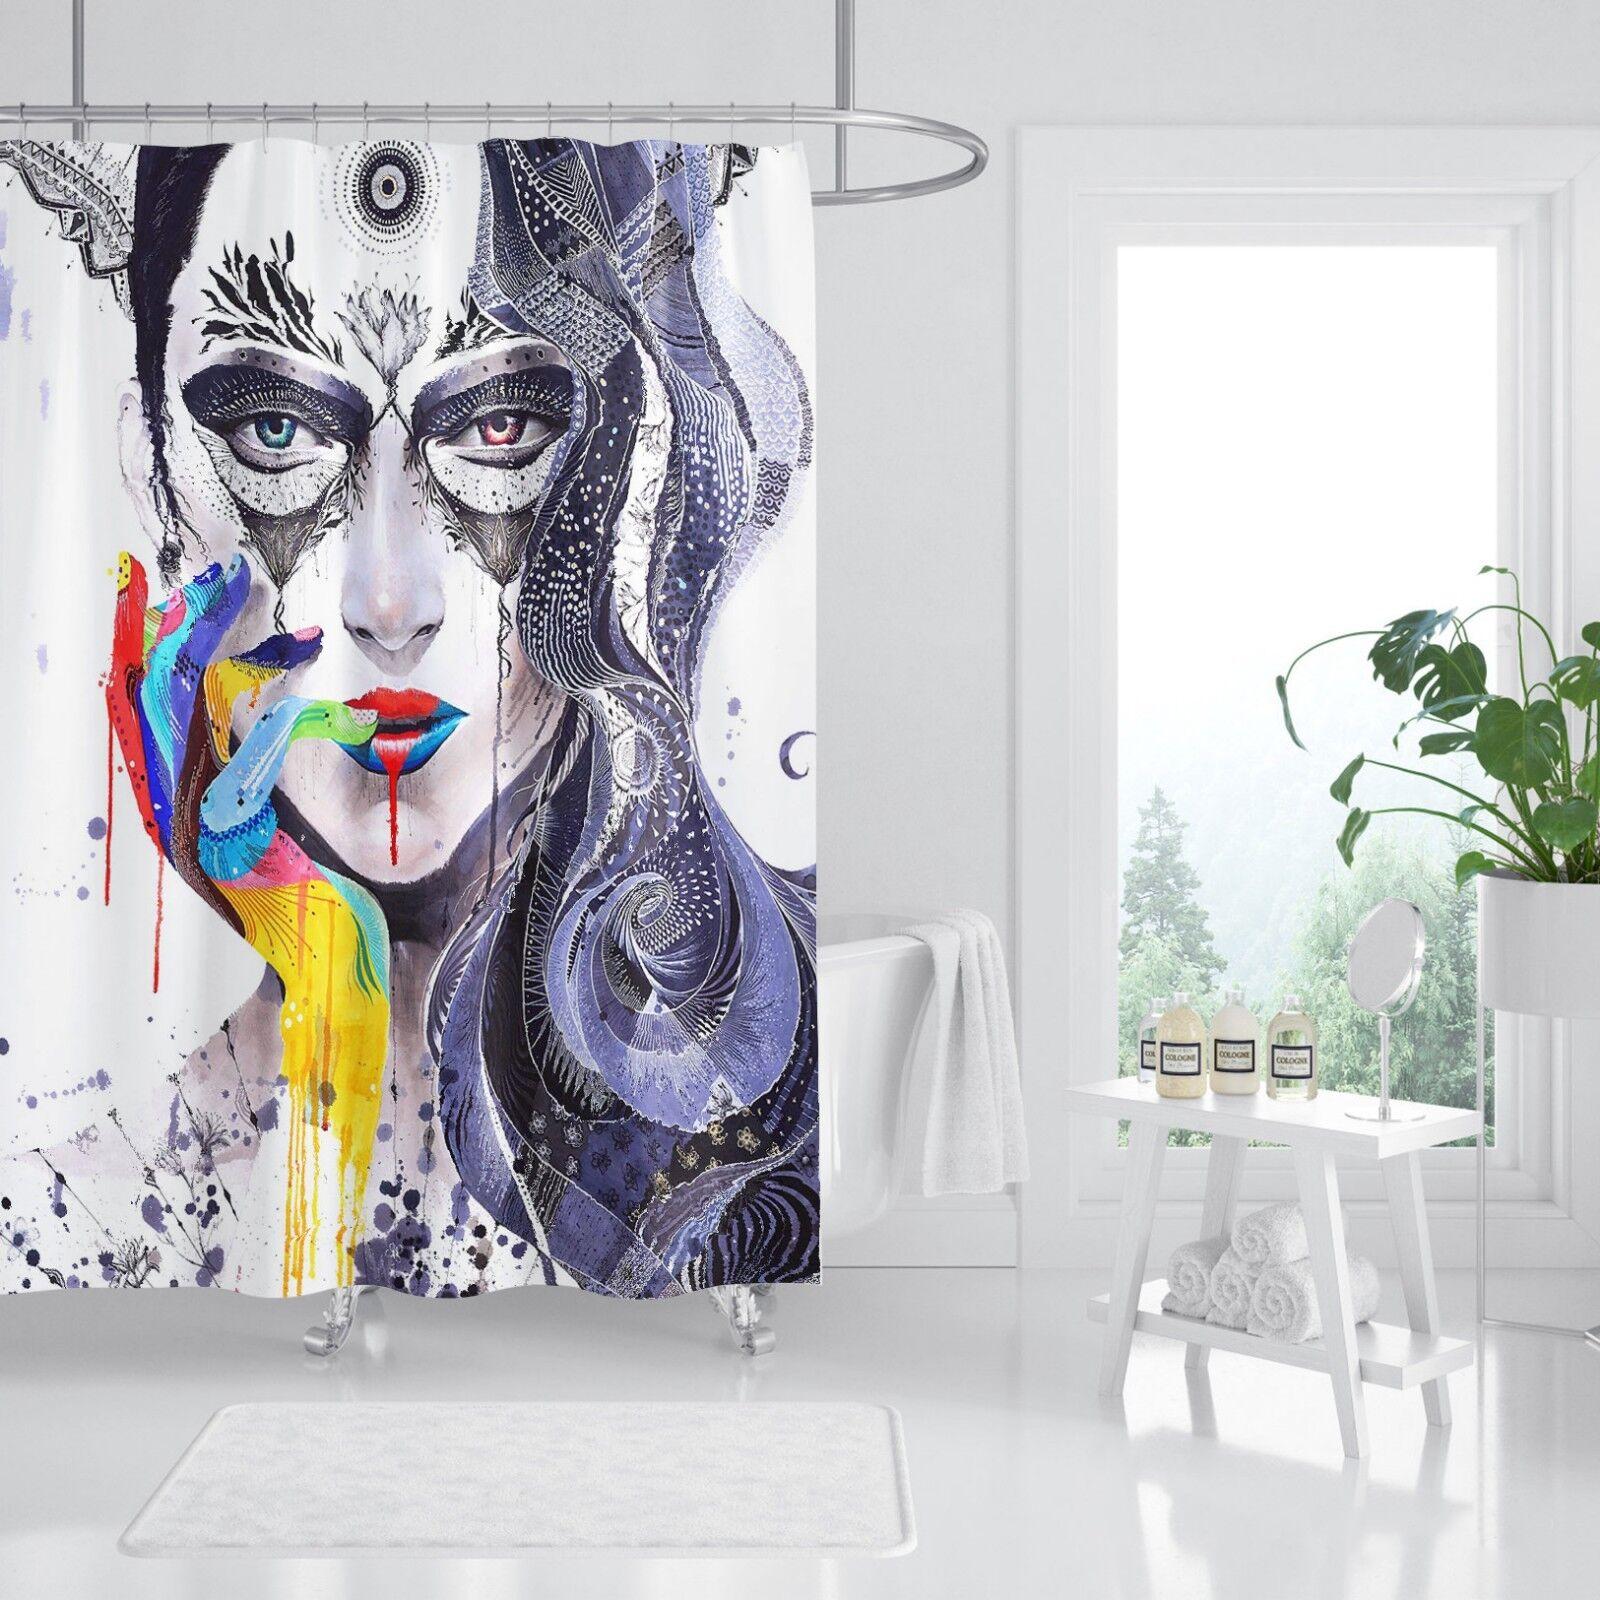 3D fille Graffiti 88 Rideau de Douche Imperméable Fibre Salle de Bain Home Windows Toilette